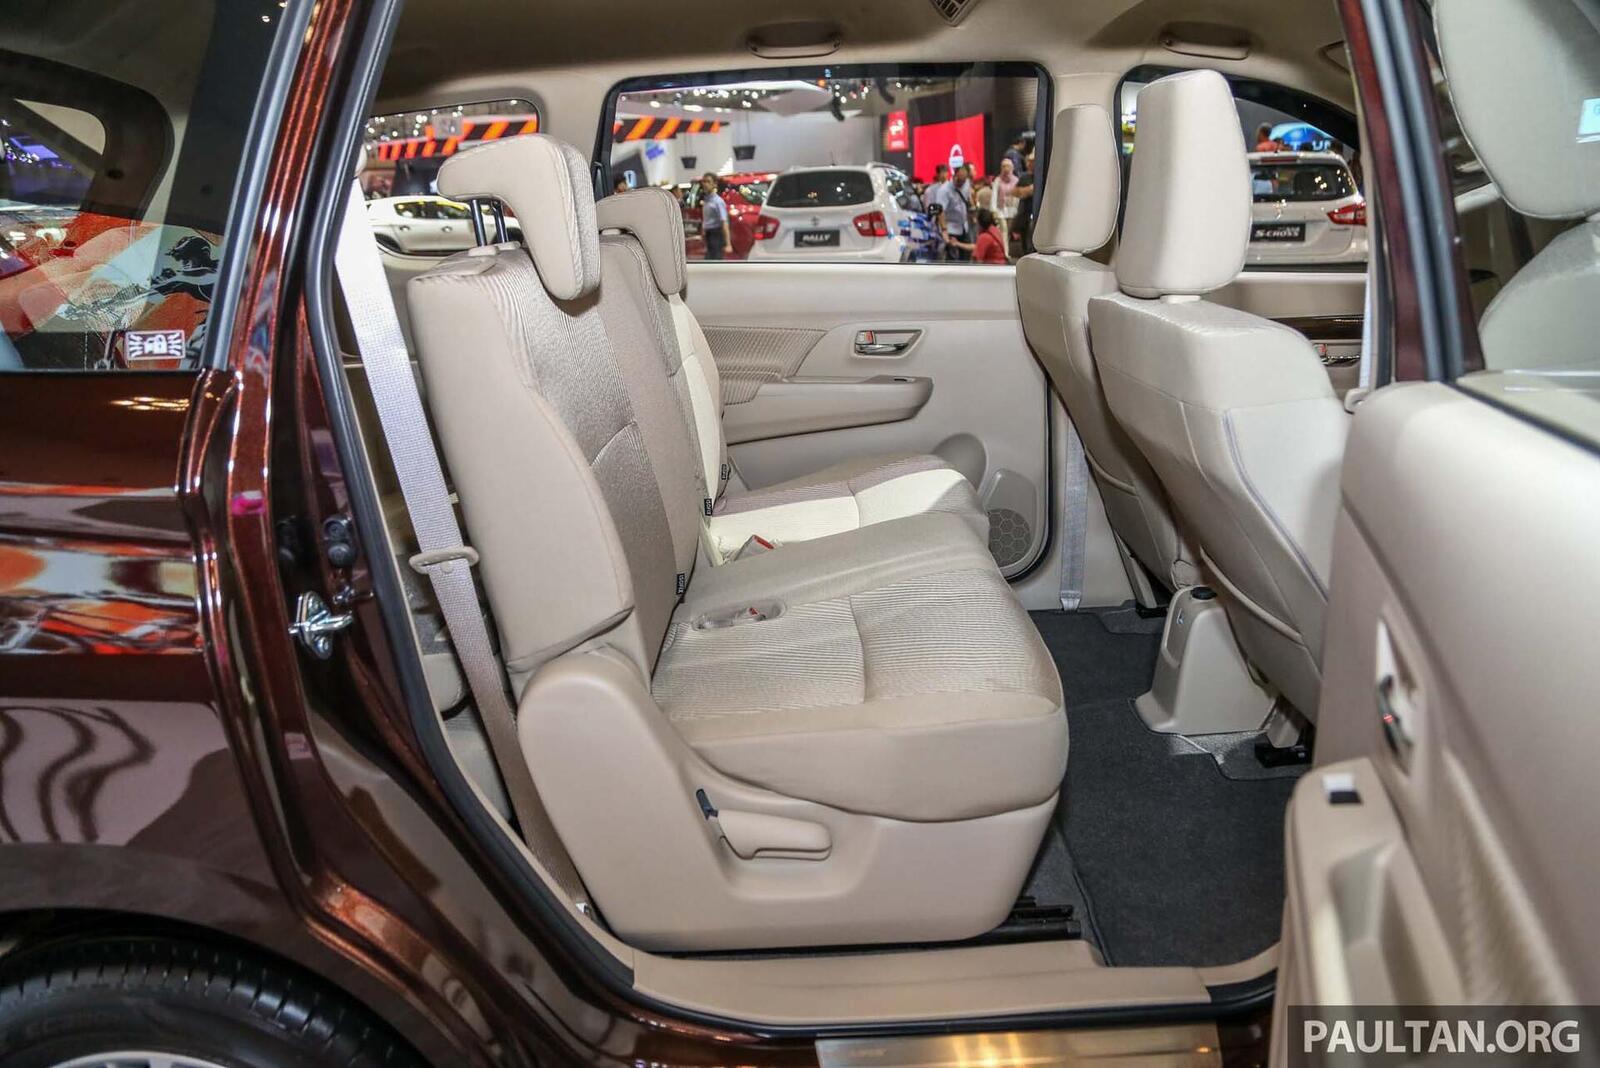 Suzuki Ertiga thế hệ mới có giá từ 486 triệu đồng tại Thái Lan; chưa hẹn ngày về Việt Nam - Hình 10